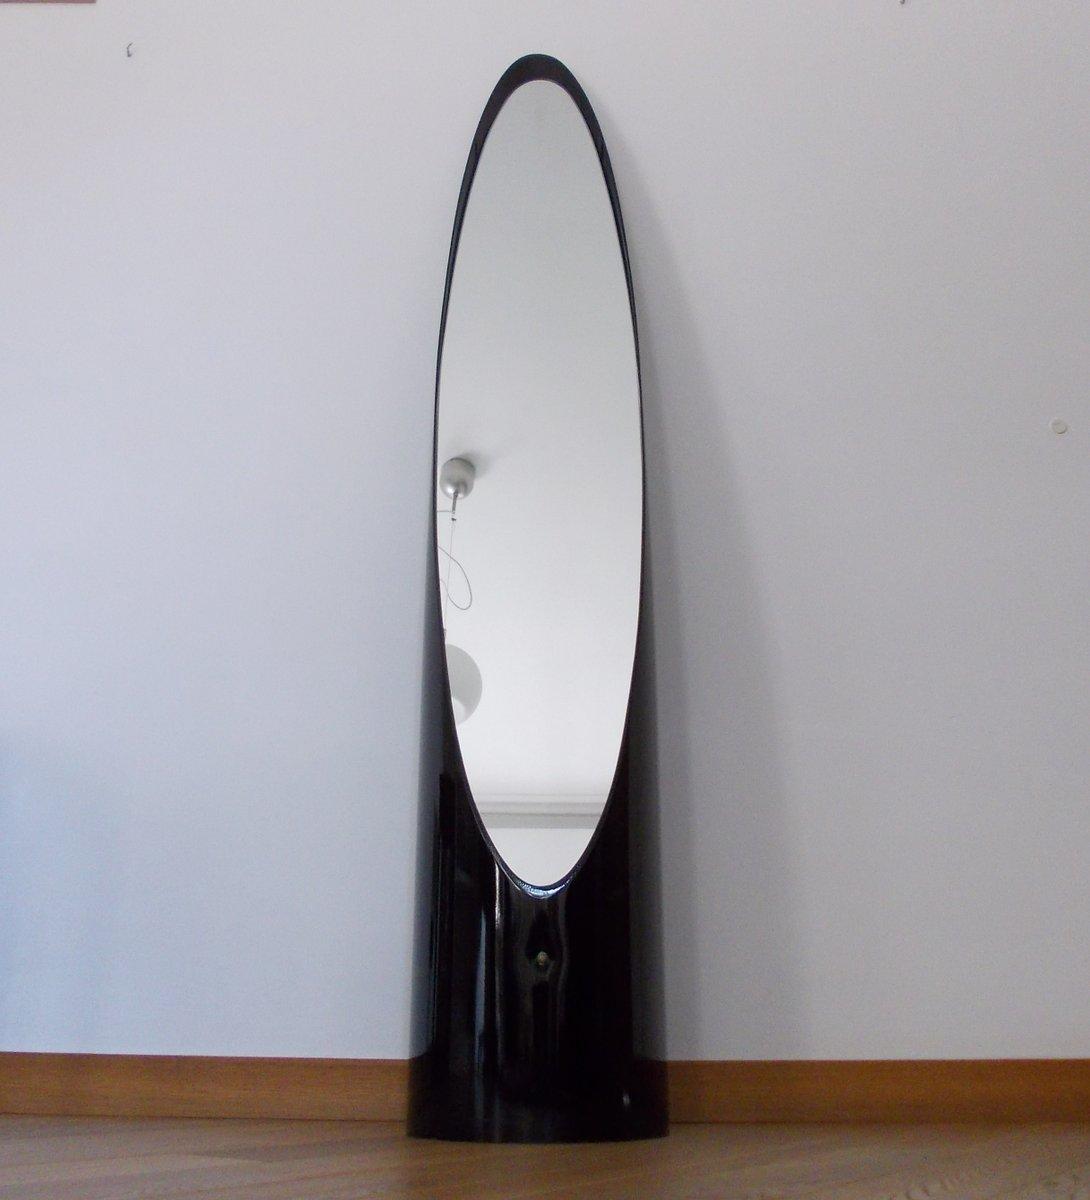 Specchio lipstick di roger lecal per chabrieres co anni for Specchio unghia anni 70